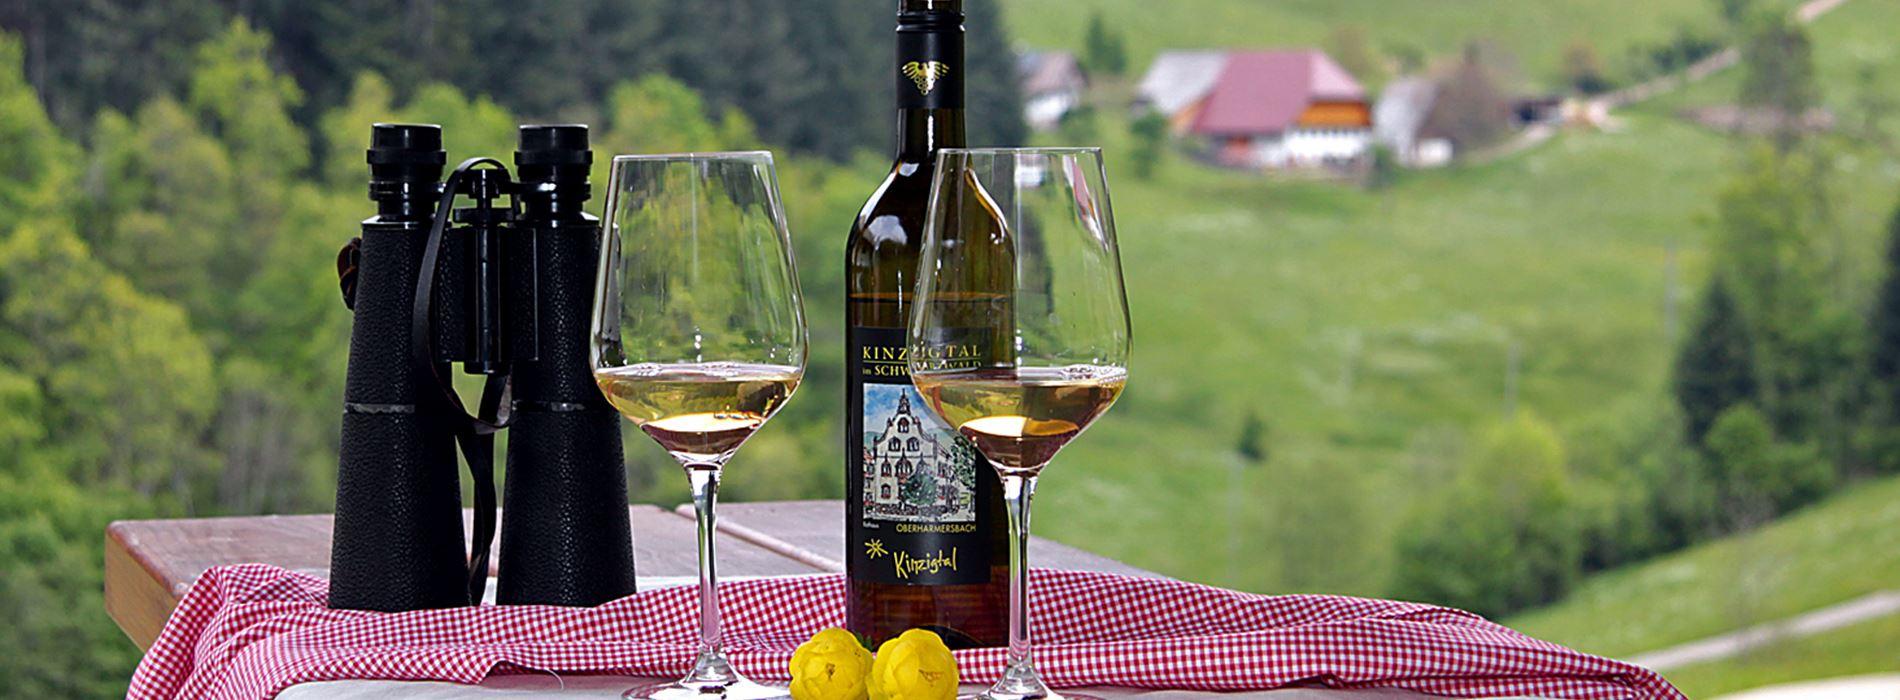 Wein und Fernglas als Deko